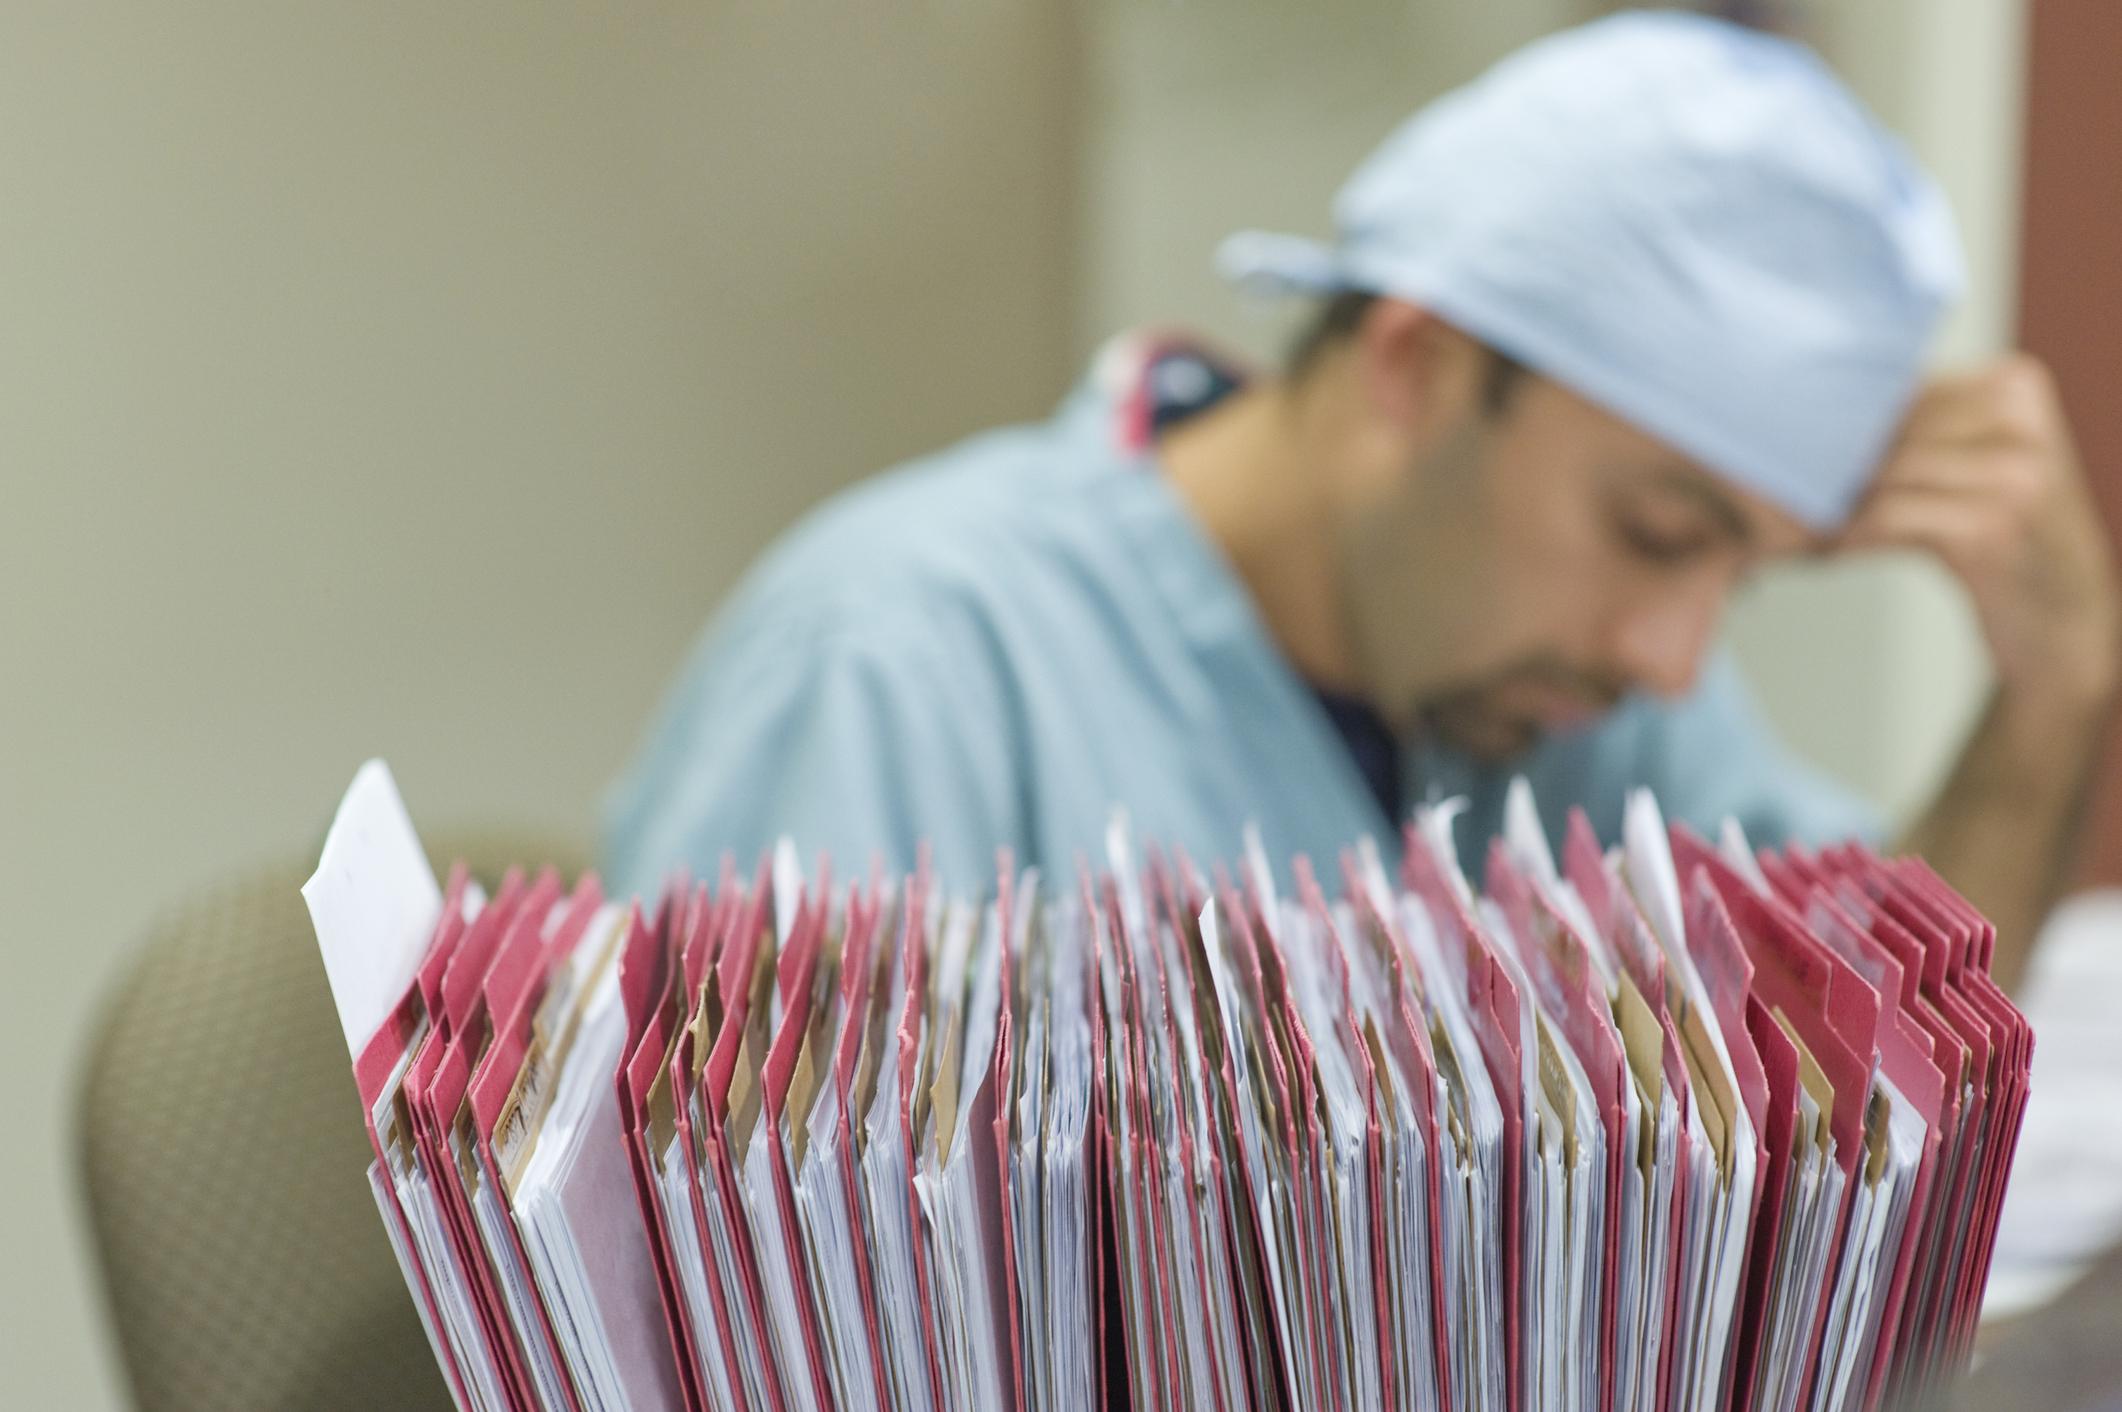 Técnico de enfermagem com prontuários médicos em primeiro plano